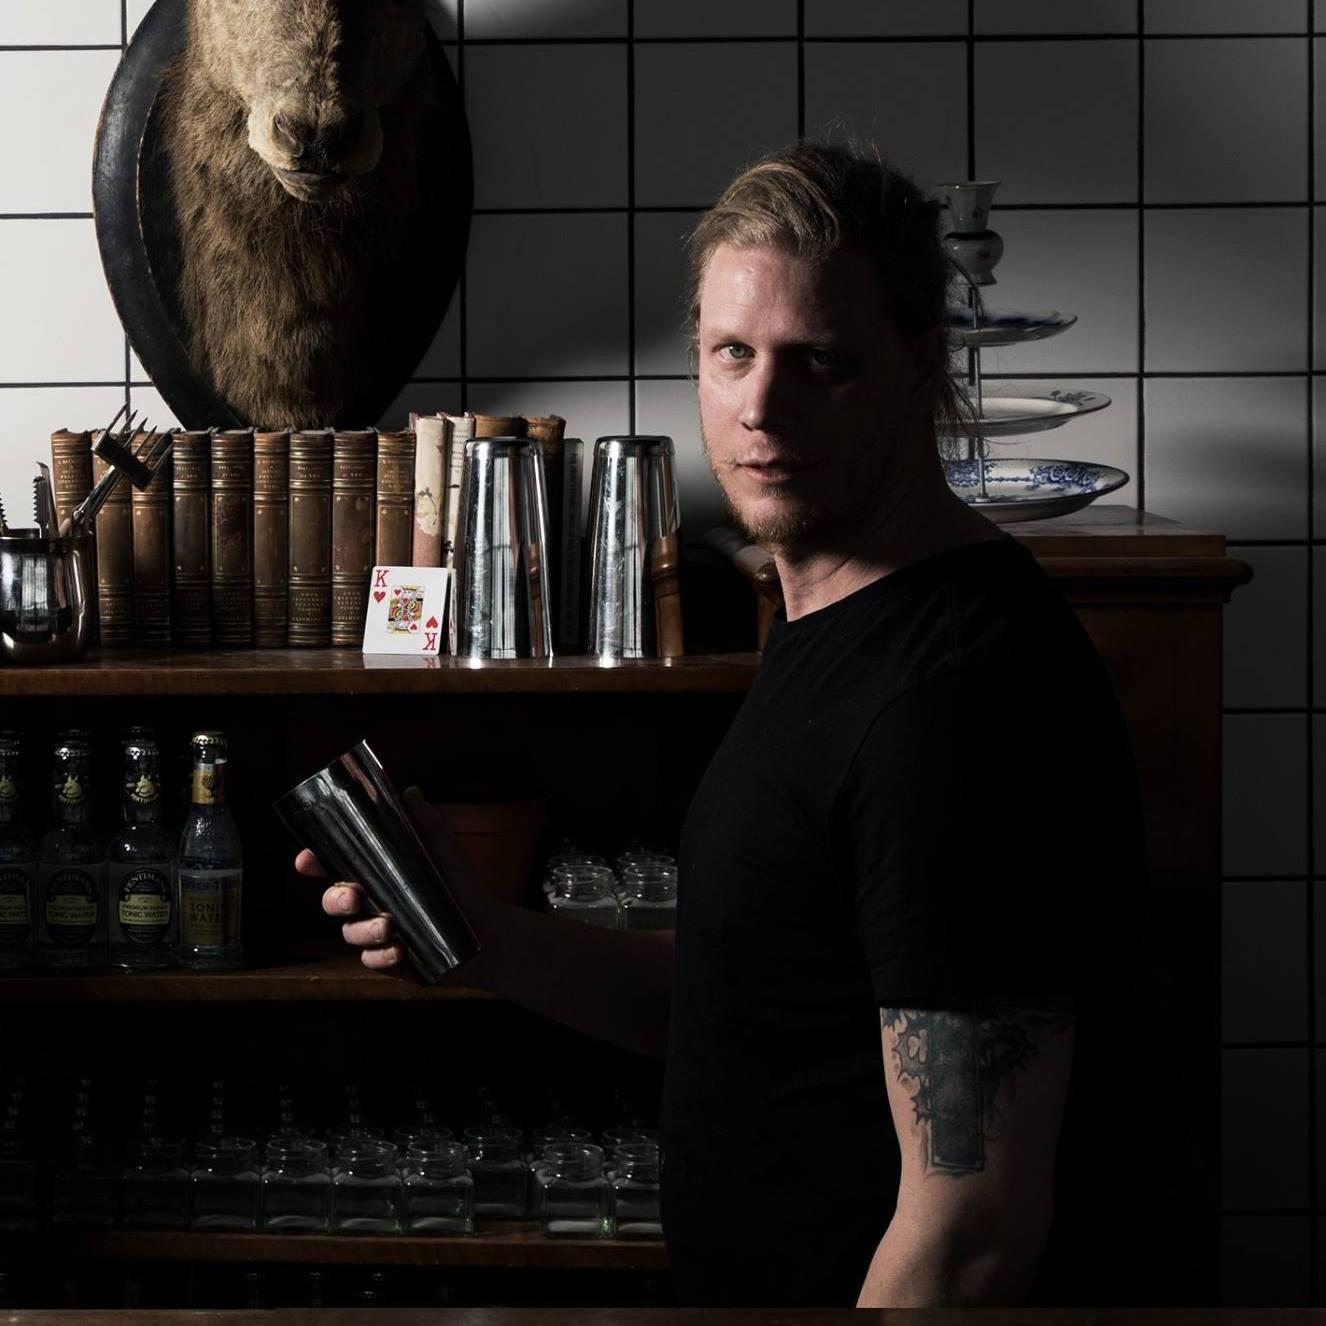 David Ammer from Cocktailkungen, Sweden